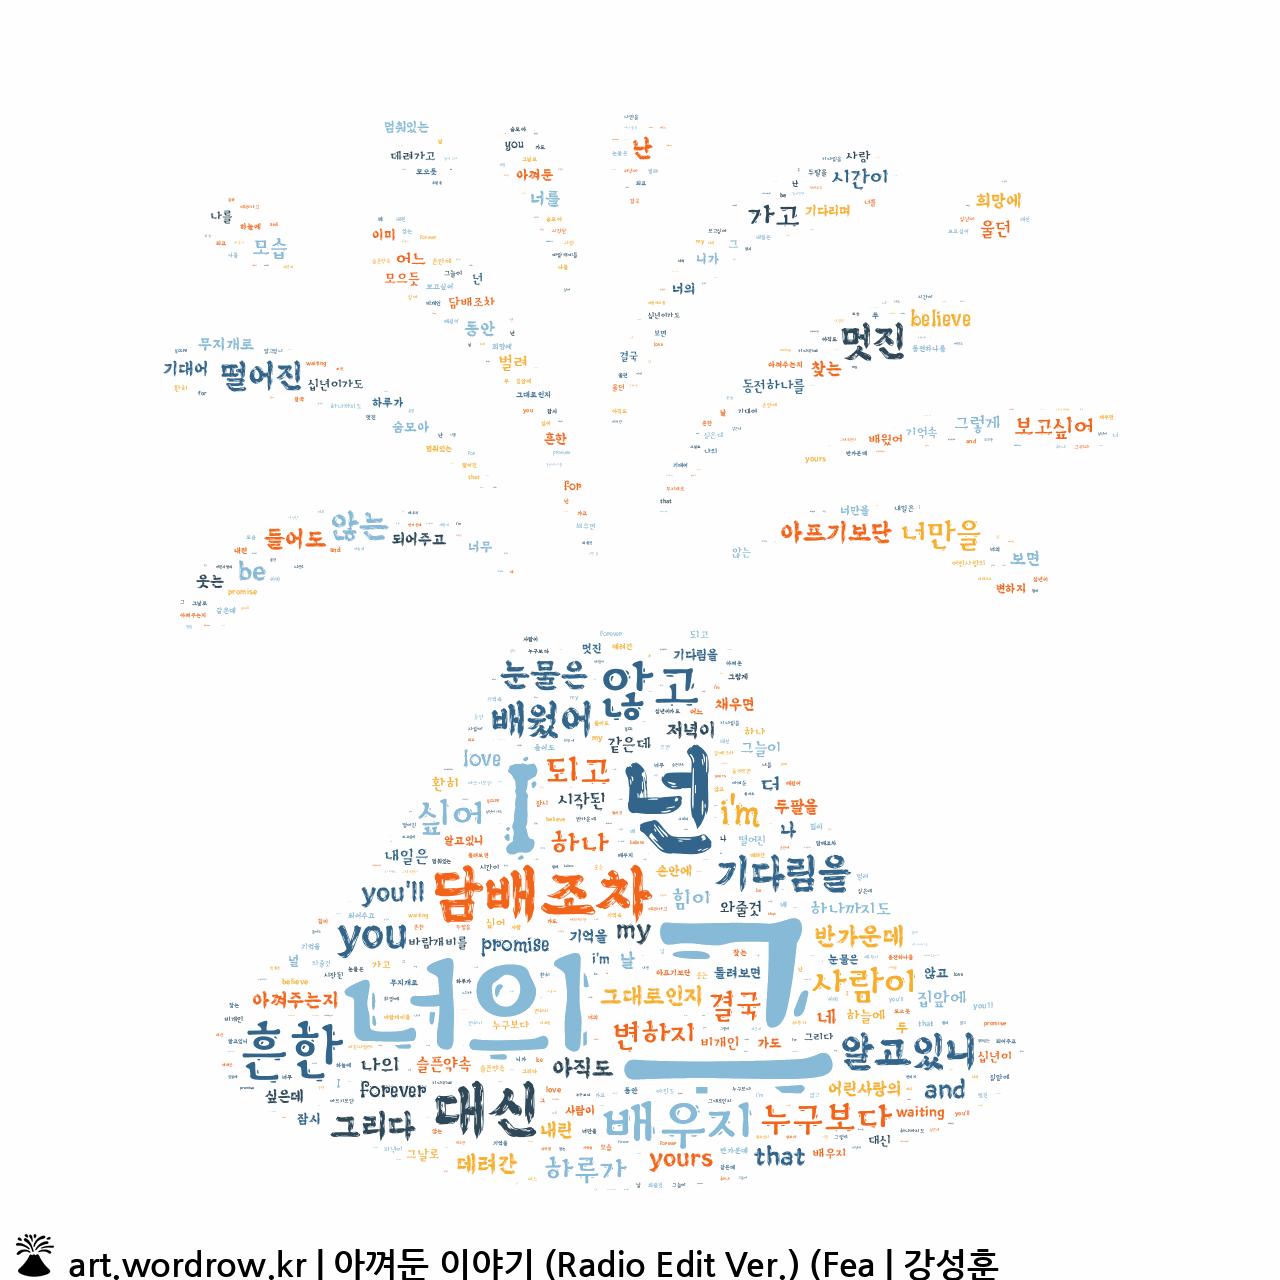 워드 클라우드: 아껴둔 이야기 (Radio Edit Ver.) (Feat. The Edition) [강성훈]-25